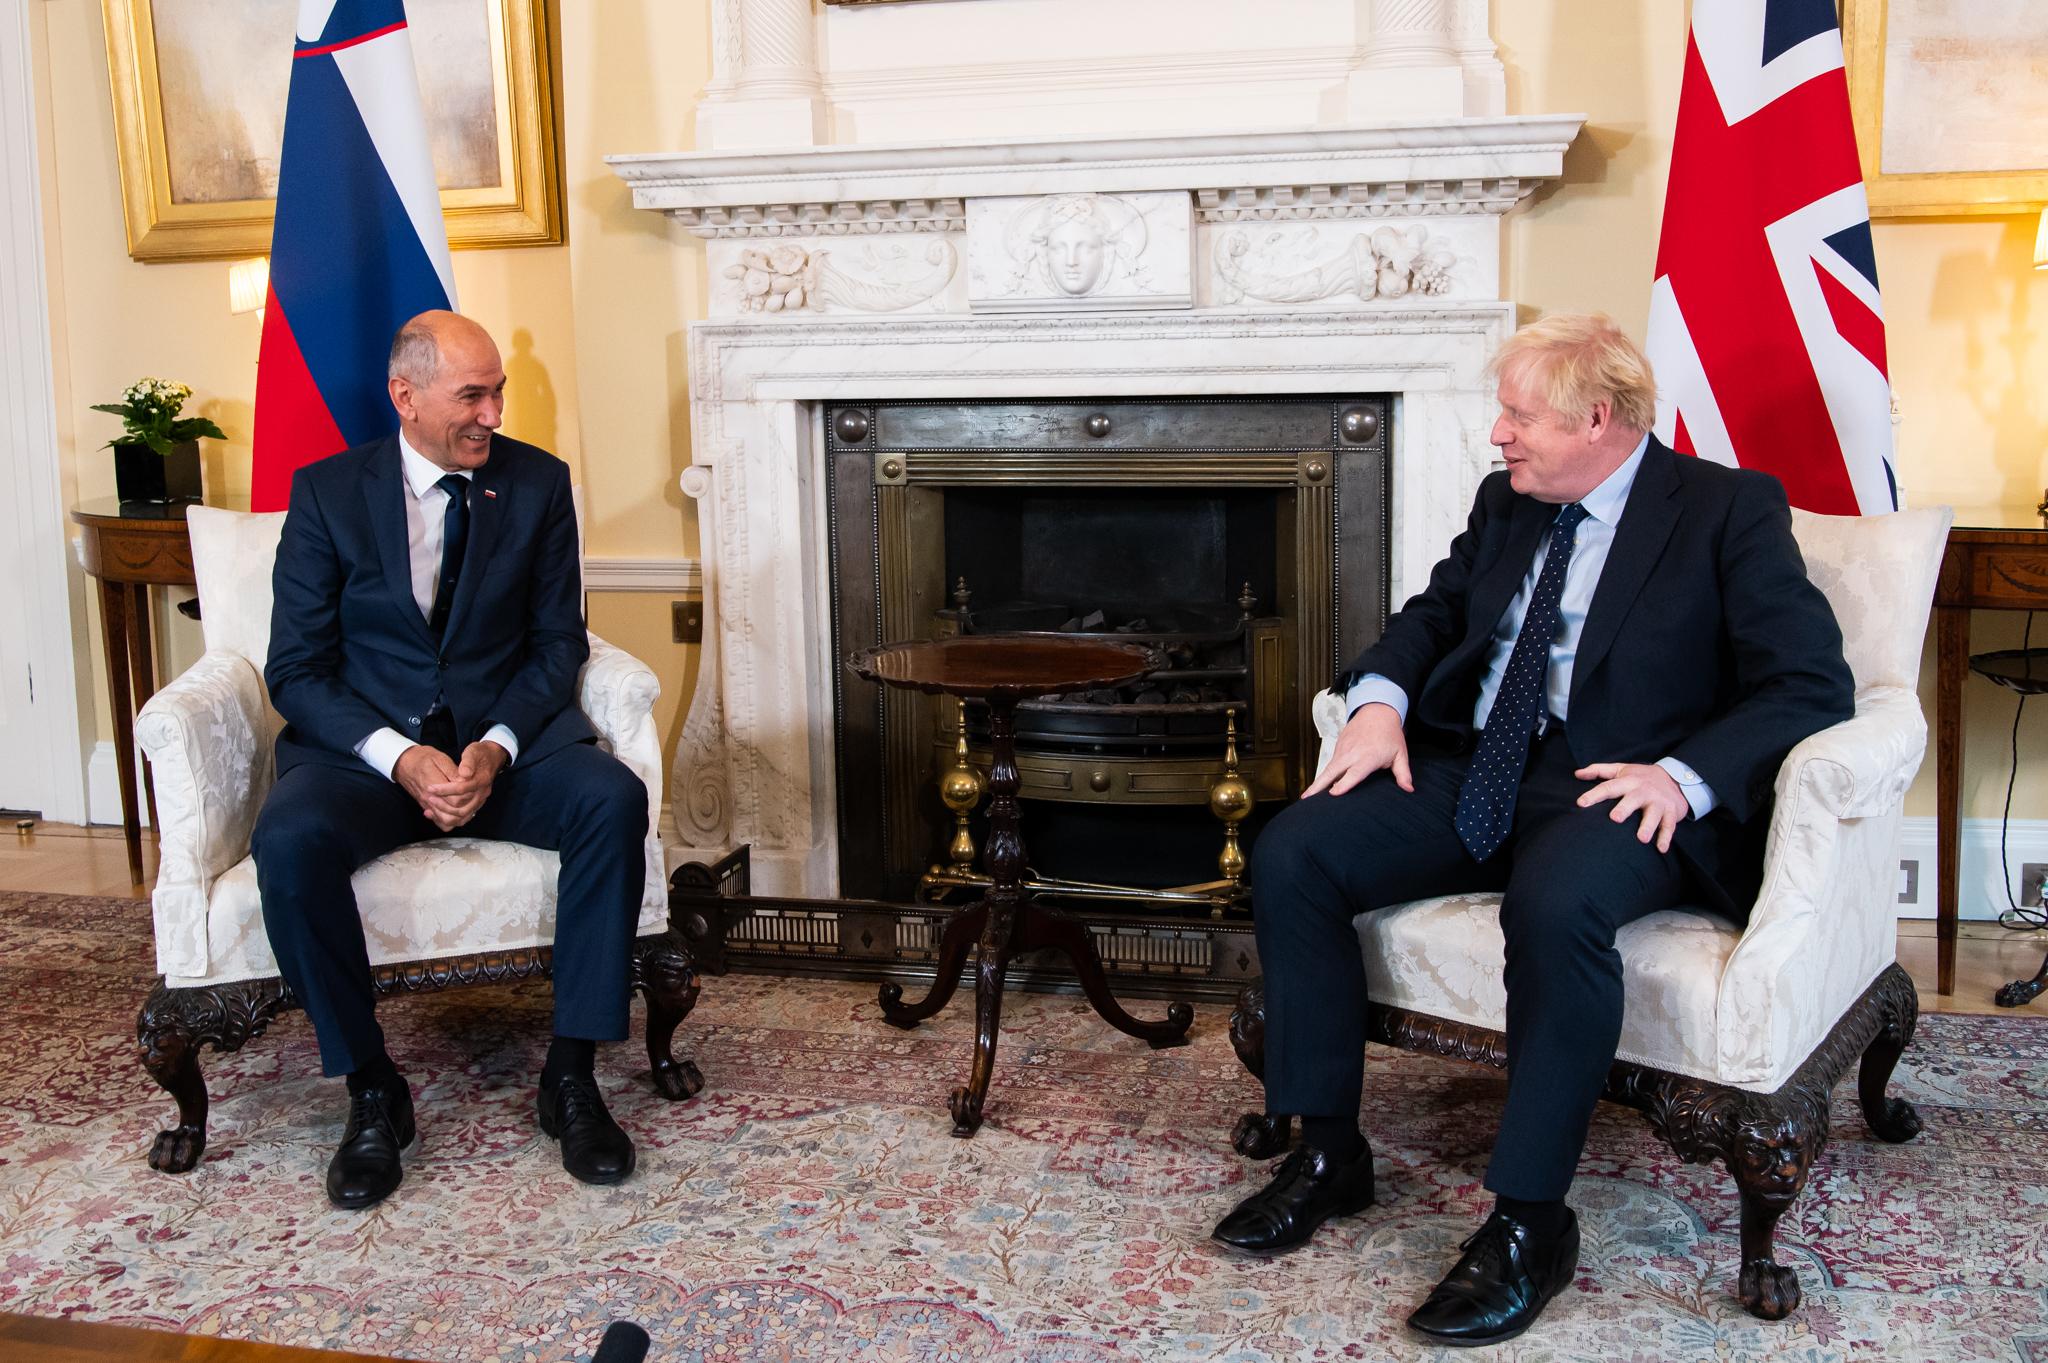 Slovenija: Janša se sastao sa Johnsonom u Londonu kako bi razgovarali o odnosima Slovenije i EU sa Velikom Britanijom